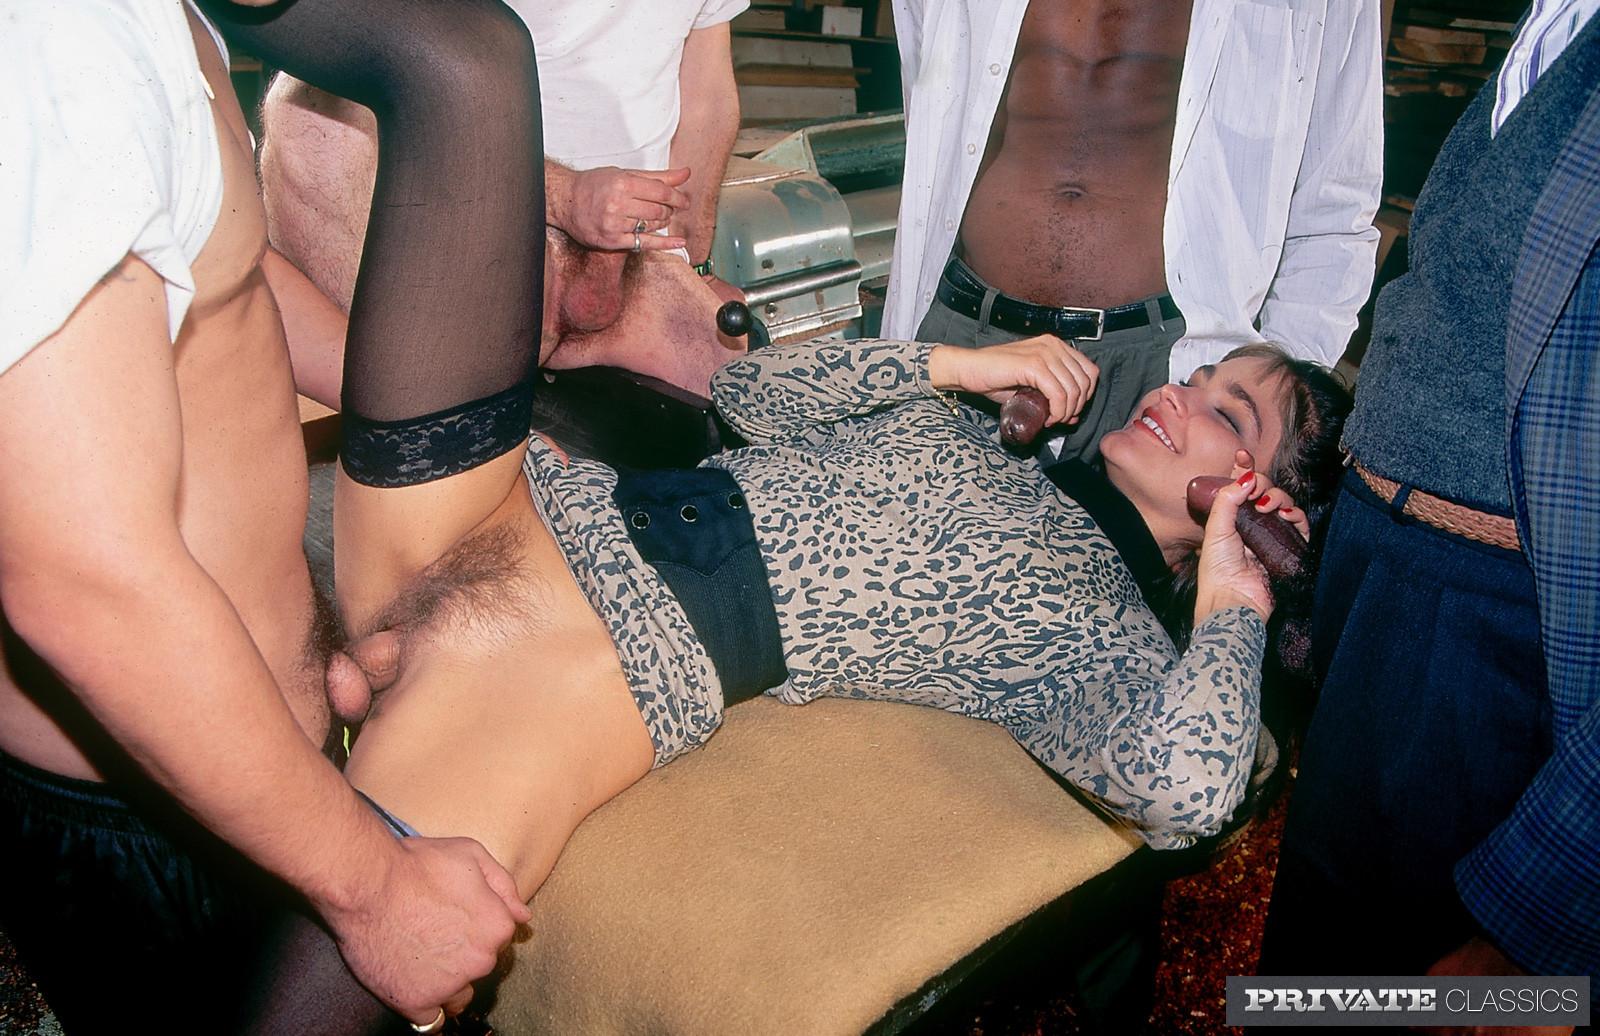 Аннабель ублажает четверых мужчин, позволяя им трахать себя во все щелки – ей это в удовольствие